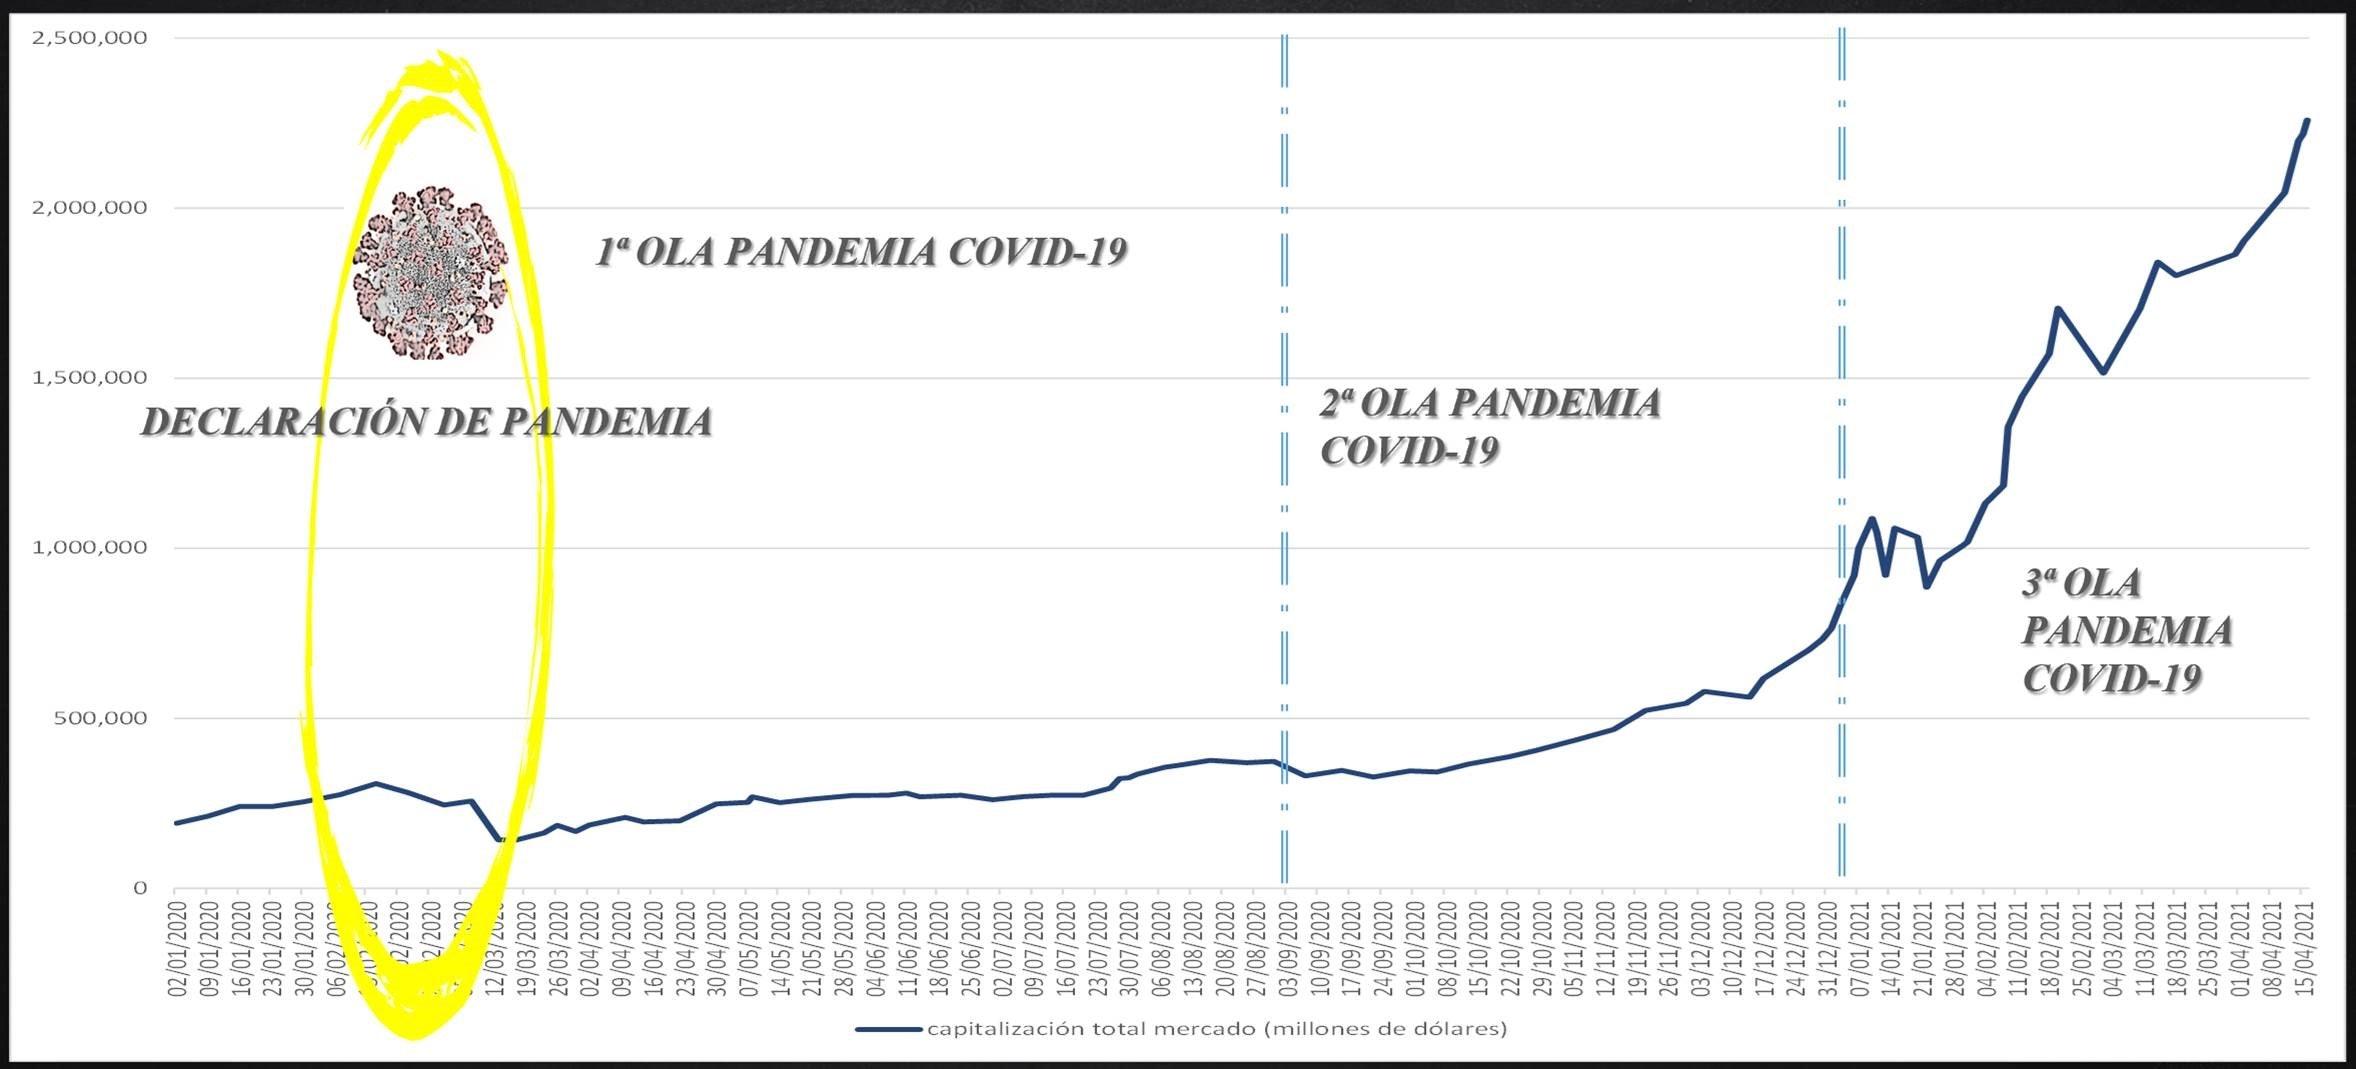 Evolución temporal de la capitalización total del mercado de criptomonedas durante las tres olas de la pandemia de la COVID-19.Fuente: Elaboración propia a partir de datos de https://coinmarketcap.com/